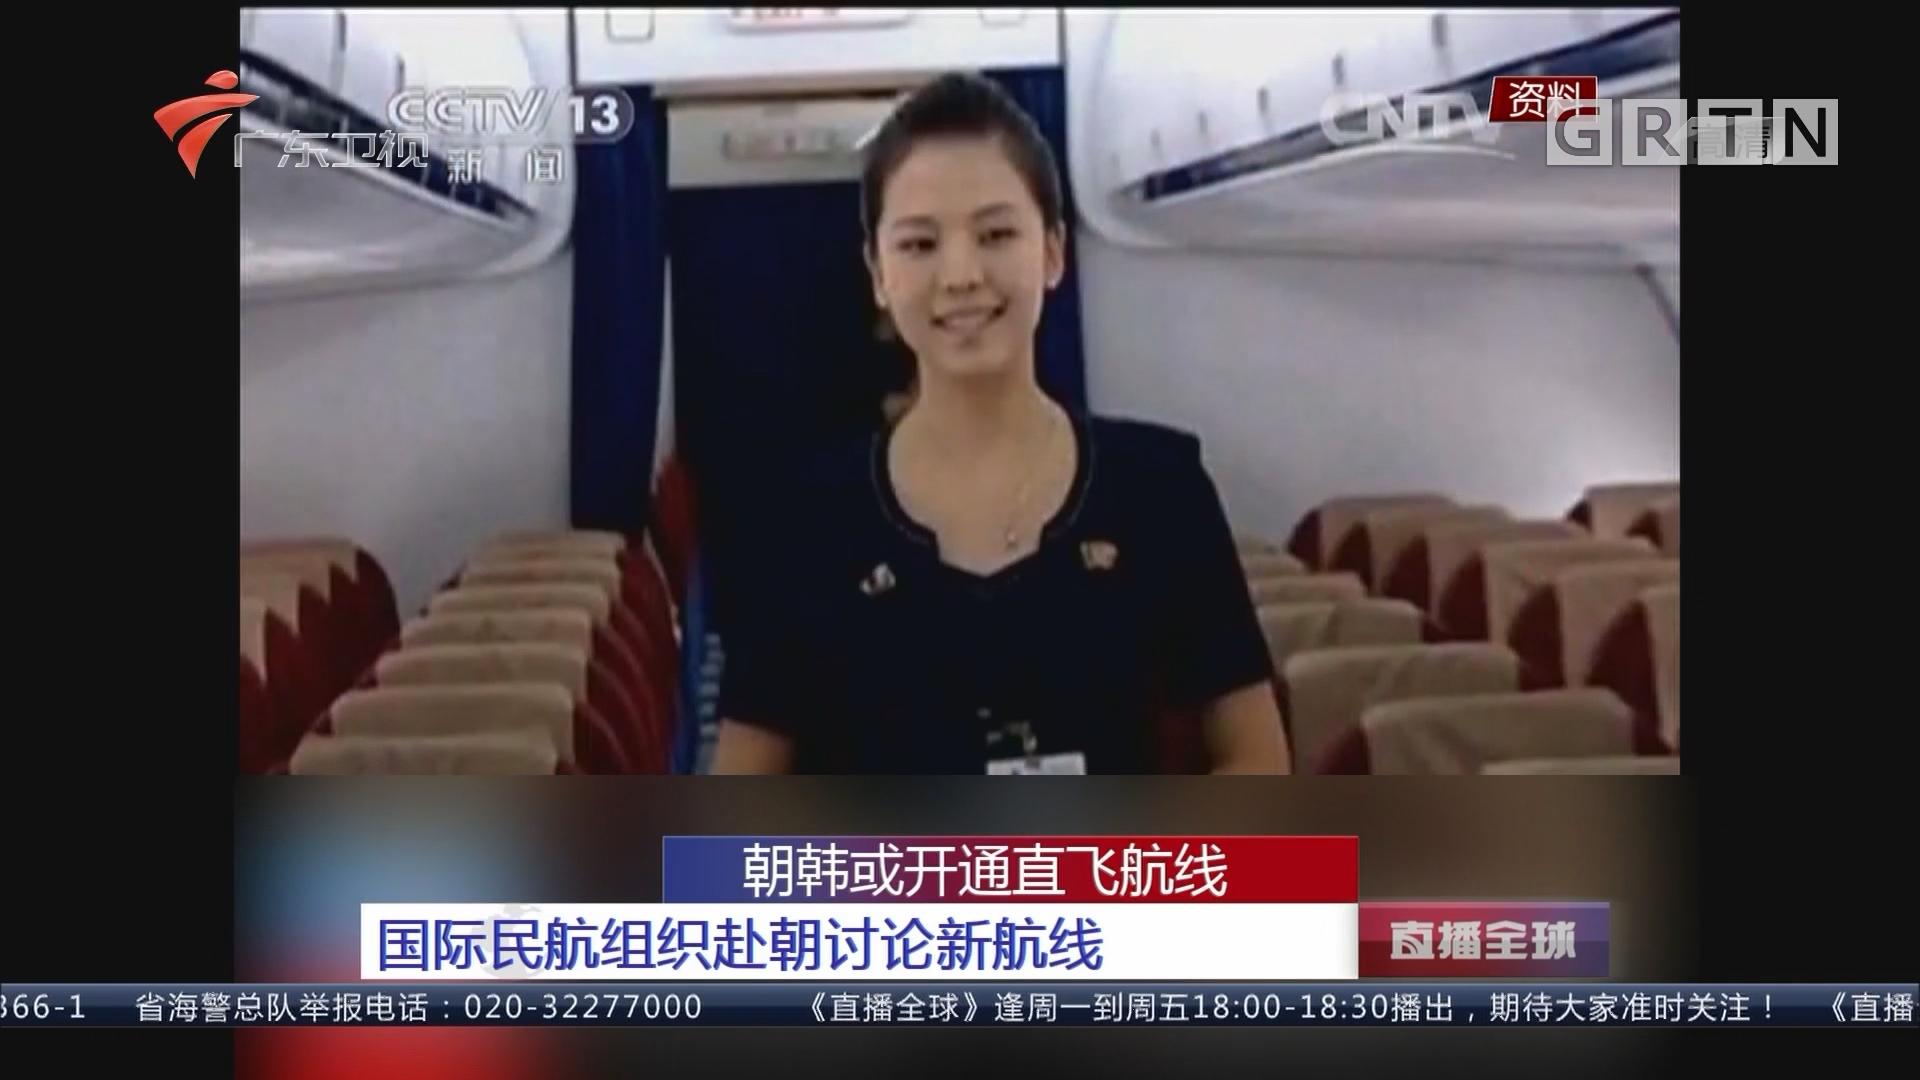 朝韩或开通直飞航线 国际民航组织赴朝讨论新航线